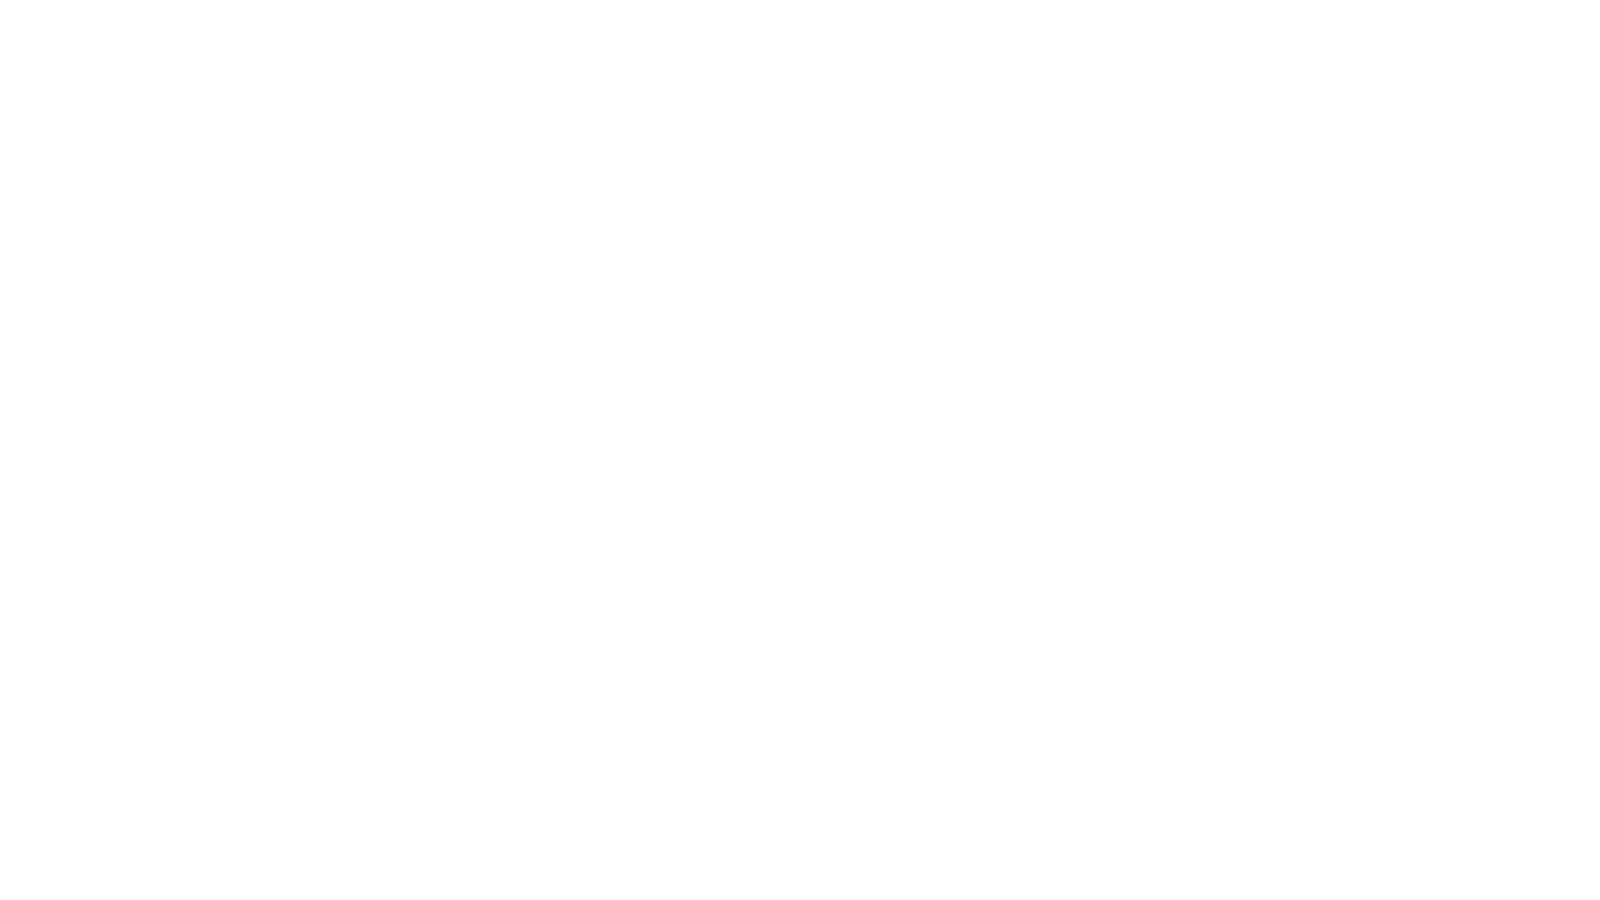 Perforadores especiales para darle vida a las orillas de tu cartulina, haces bolsas, tag para tu emprendimiento? estos perforadores son para ti  en el mercado puedes encontrar infinidad de marcas que te presenten esta opción, nuestras preferidas son los de la gente de ek tools, dress my craft y we are memory keepers  Diseño especial que permite un corte continuo y exacto. Muy fácil de utilizar!  Ideal para Scrapbook, tarjetas, invitaciones y cualquier otra manualidad que se te ocurra!  Nota: no se recomienda usar en papel delgado ni en cartulinas muy gruesas. Un promedio de grosor de 110grs  1 - ¡COMPARTE ESTE VIDEO! con tus amigos 2 - Dame tus gustos o me gusta 3 - SUSCRÍBASE https://www.youtube.com/channel/UCoCBl8QB36hFfoZ9ZwO6czA?sub_confirmation=1  Si estas en Colombia puedes adquirir este articulo en https://www.mimiluna.com/shop/  💻    📲.   SUSCRIBETE SI TE GUSTA VER.......... ❤️. ❤️ Cómo trabajar con mi plotter de recorte Cameo, Cómo realizar party box para mis eventos y fiestas, cómo hacer mariposas en papel y distintos materiales, Cómo realizar manualidades divertidas con herramientas útiles, cómo trabajar con mi maquina portrait, cómo limpiar mi tapete de recorte cameo, puedo utilizar tapete cricut en mi plotter cameo, cómo realizar manualidades en decoupage, cómo trabajar virgenes de yeso con servilleta, cómo trabajar con foil quilla, realizar mis cajitas con cameo y sin cameo, papeles digitales, que software bajar para mi cameo, tipos de cartulina, chocolatinas con rodillo, como personalizar mis esferas en navidad, tag para mi emprendimiento, diademas, cómo crear un lindo emprendimiento, regalos para mamá y enamorados